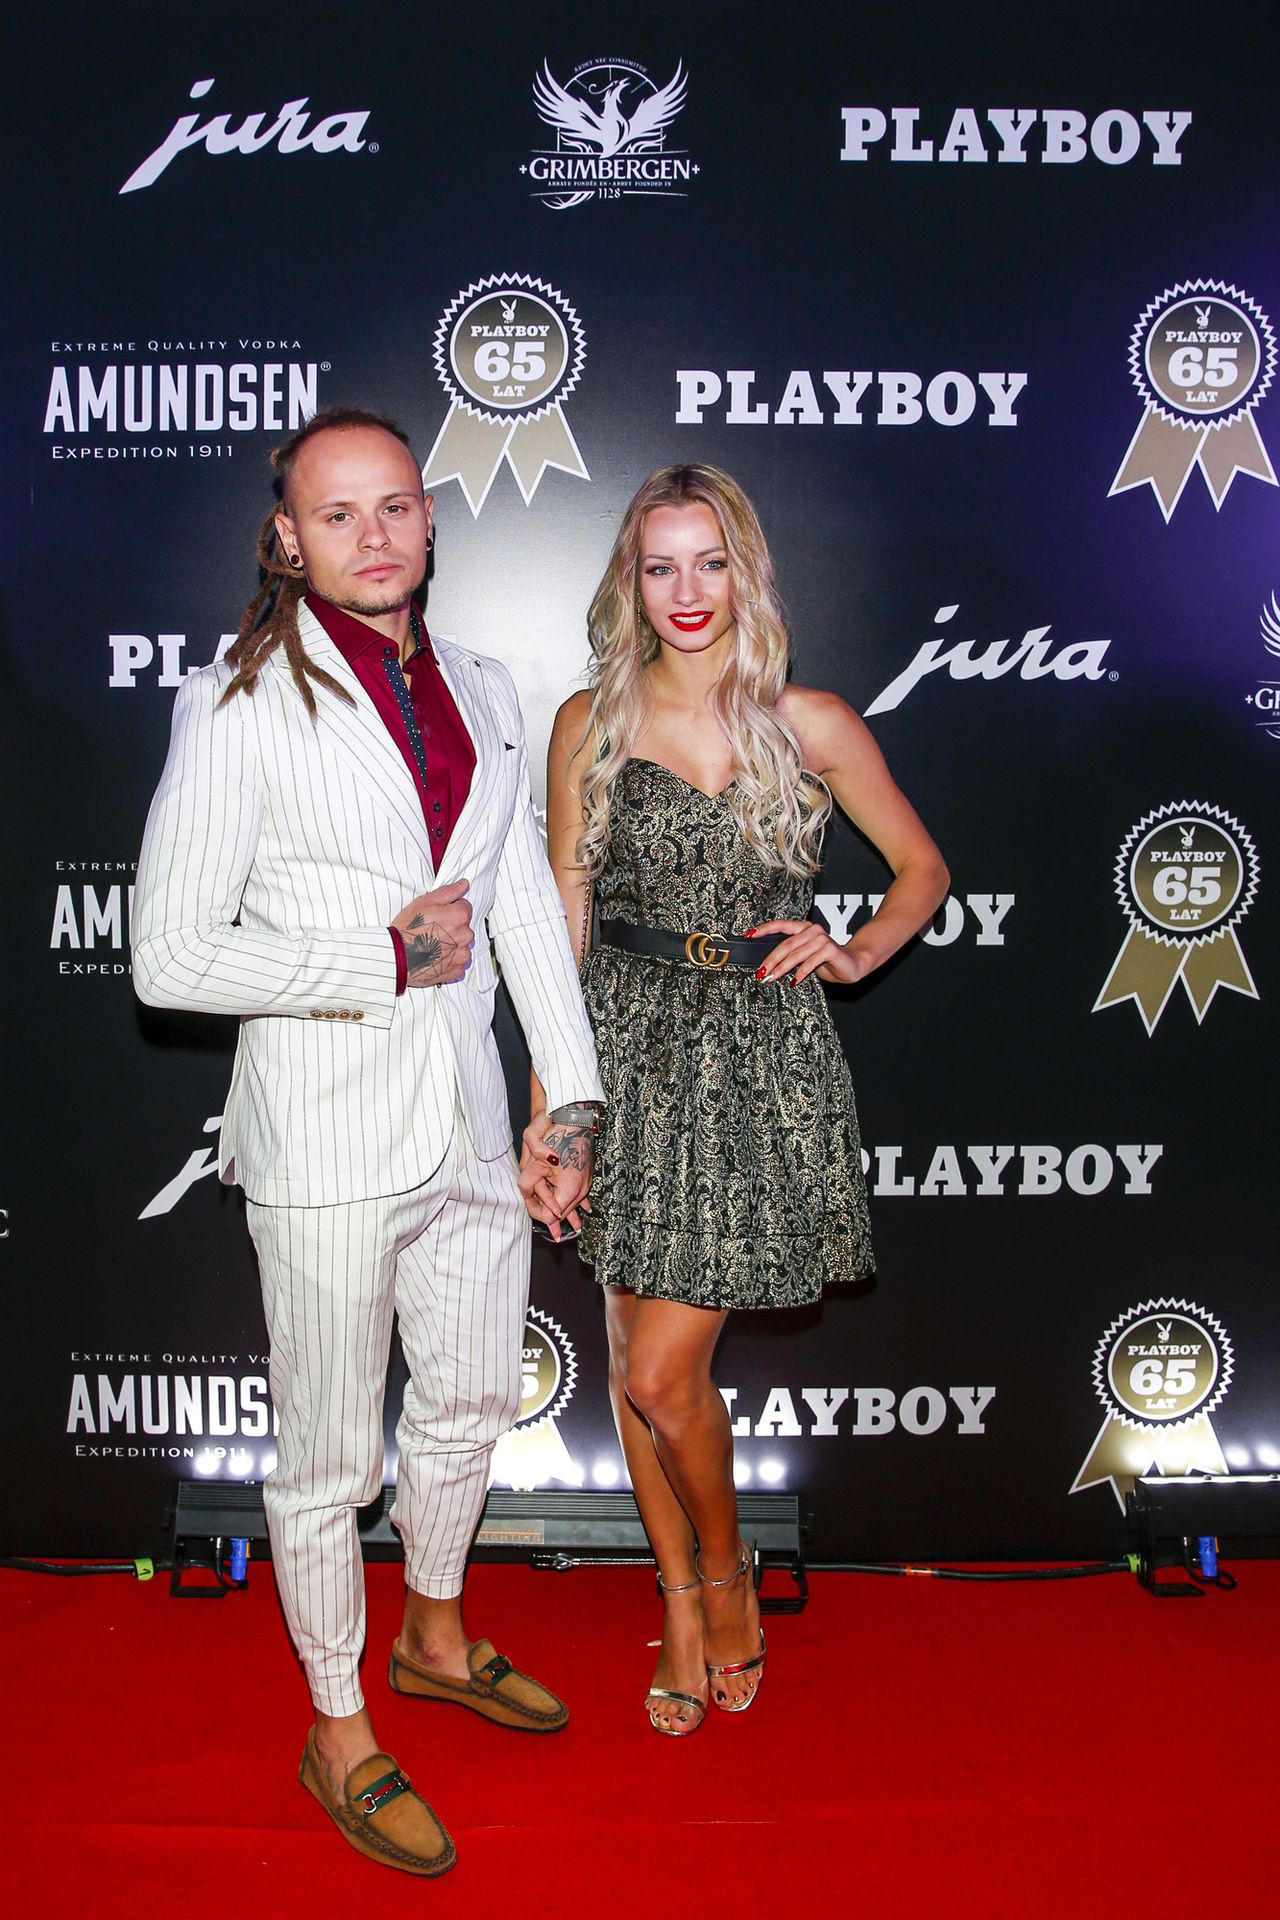 Gwiazdy na gali Samochód Roku Playboya (ZDJĘCIA)